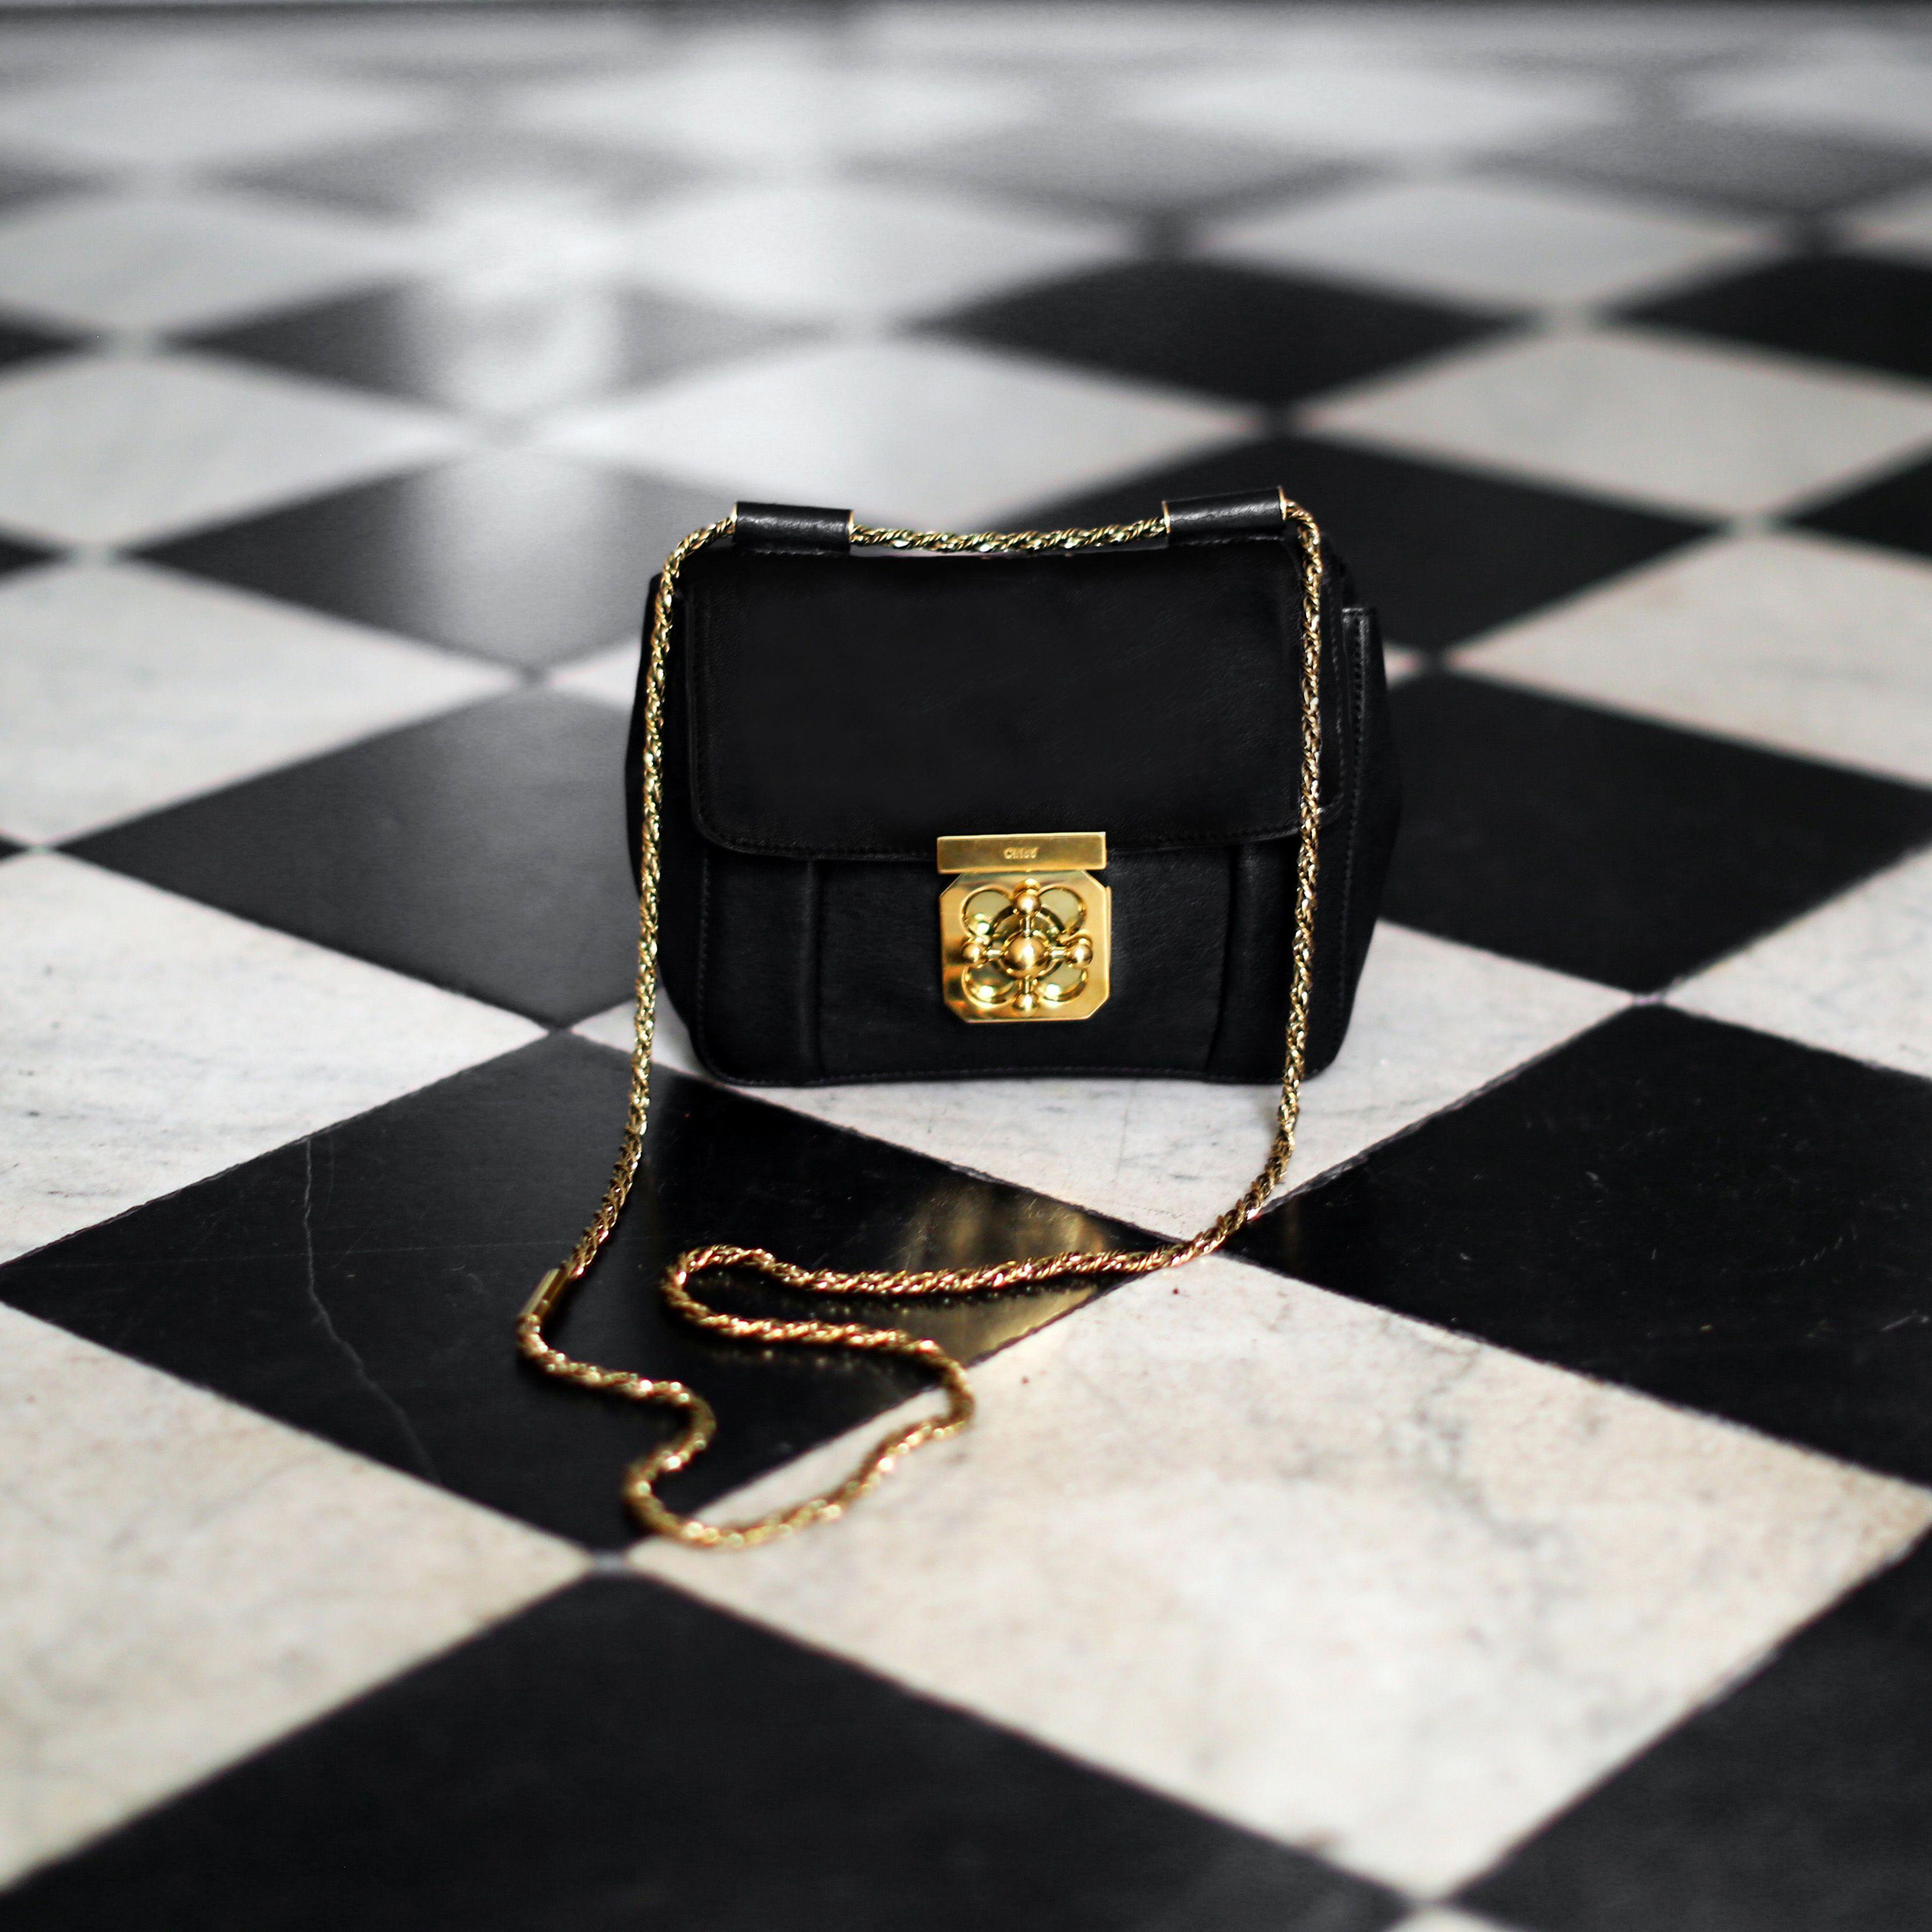 ... shop it on sac chloe elsie medium en cuir grain noir et with sac chlo.  affordable chloe marcie medium bag calf leather taupe attributes matt gilt  brass ... afd9aeb027f